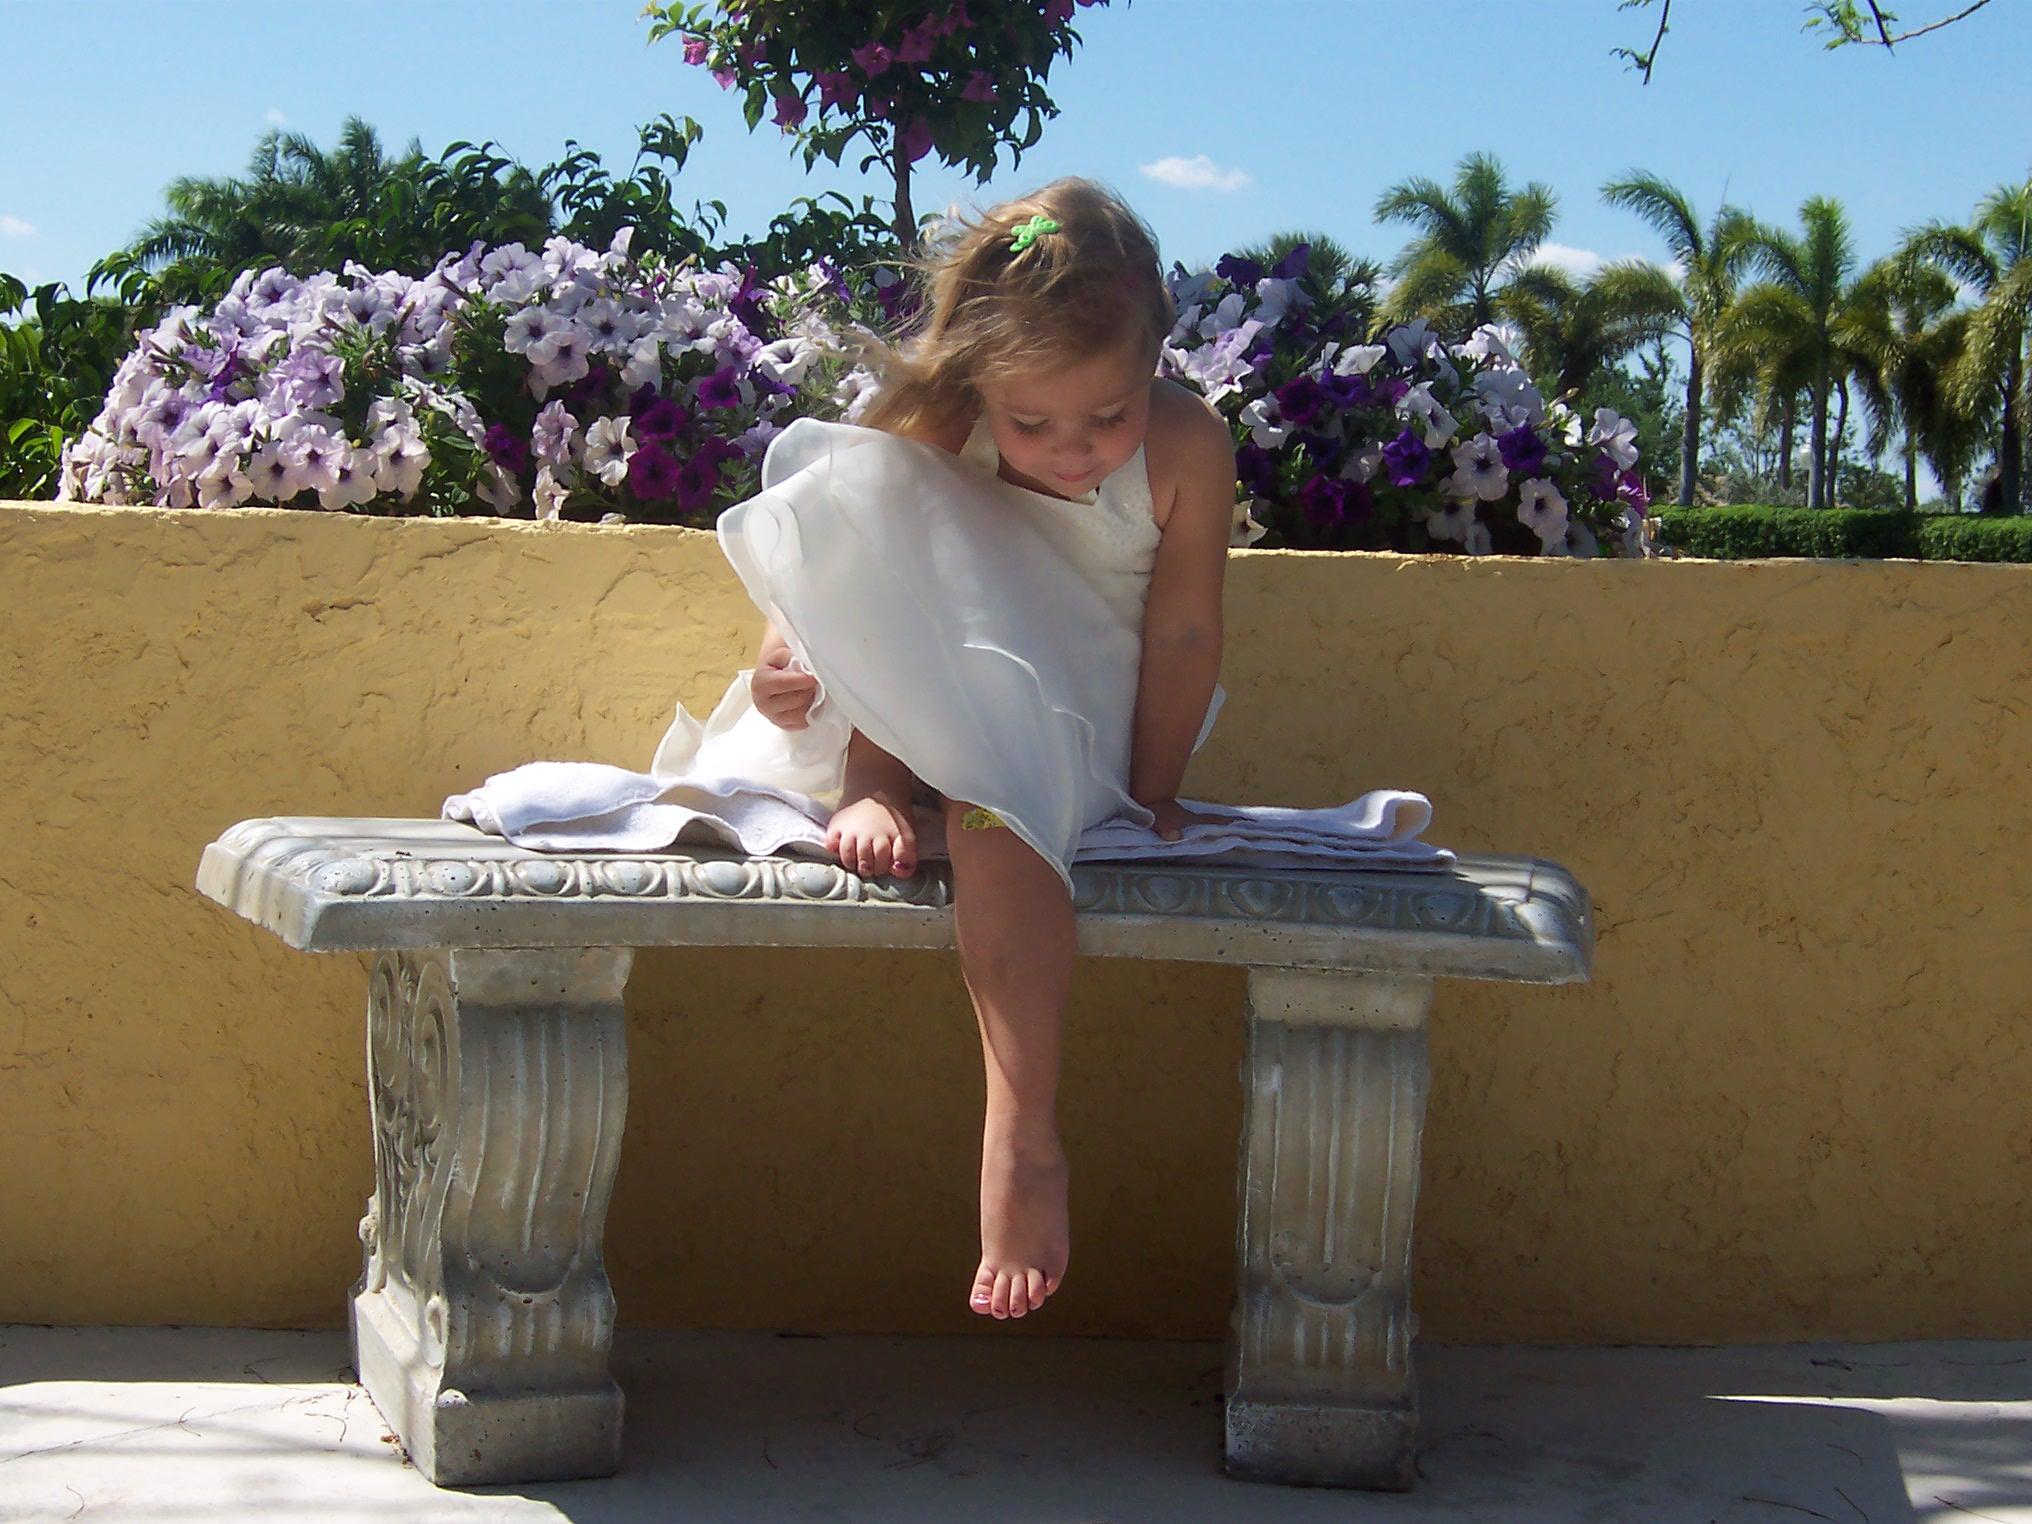 http://orig05.deviantart.net/9188/f/2009/122/b/0/girl_in_white_dress_10_by_sbg_crewstock.jpg